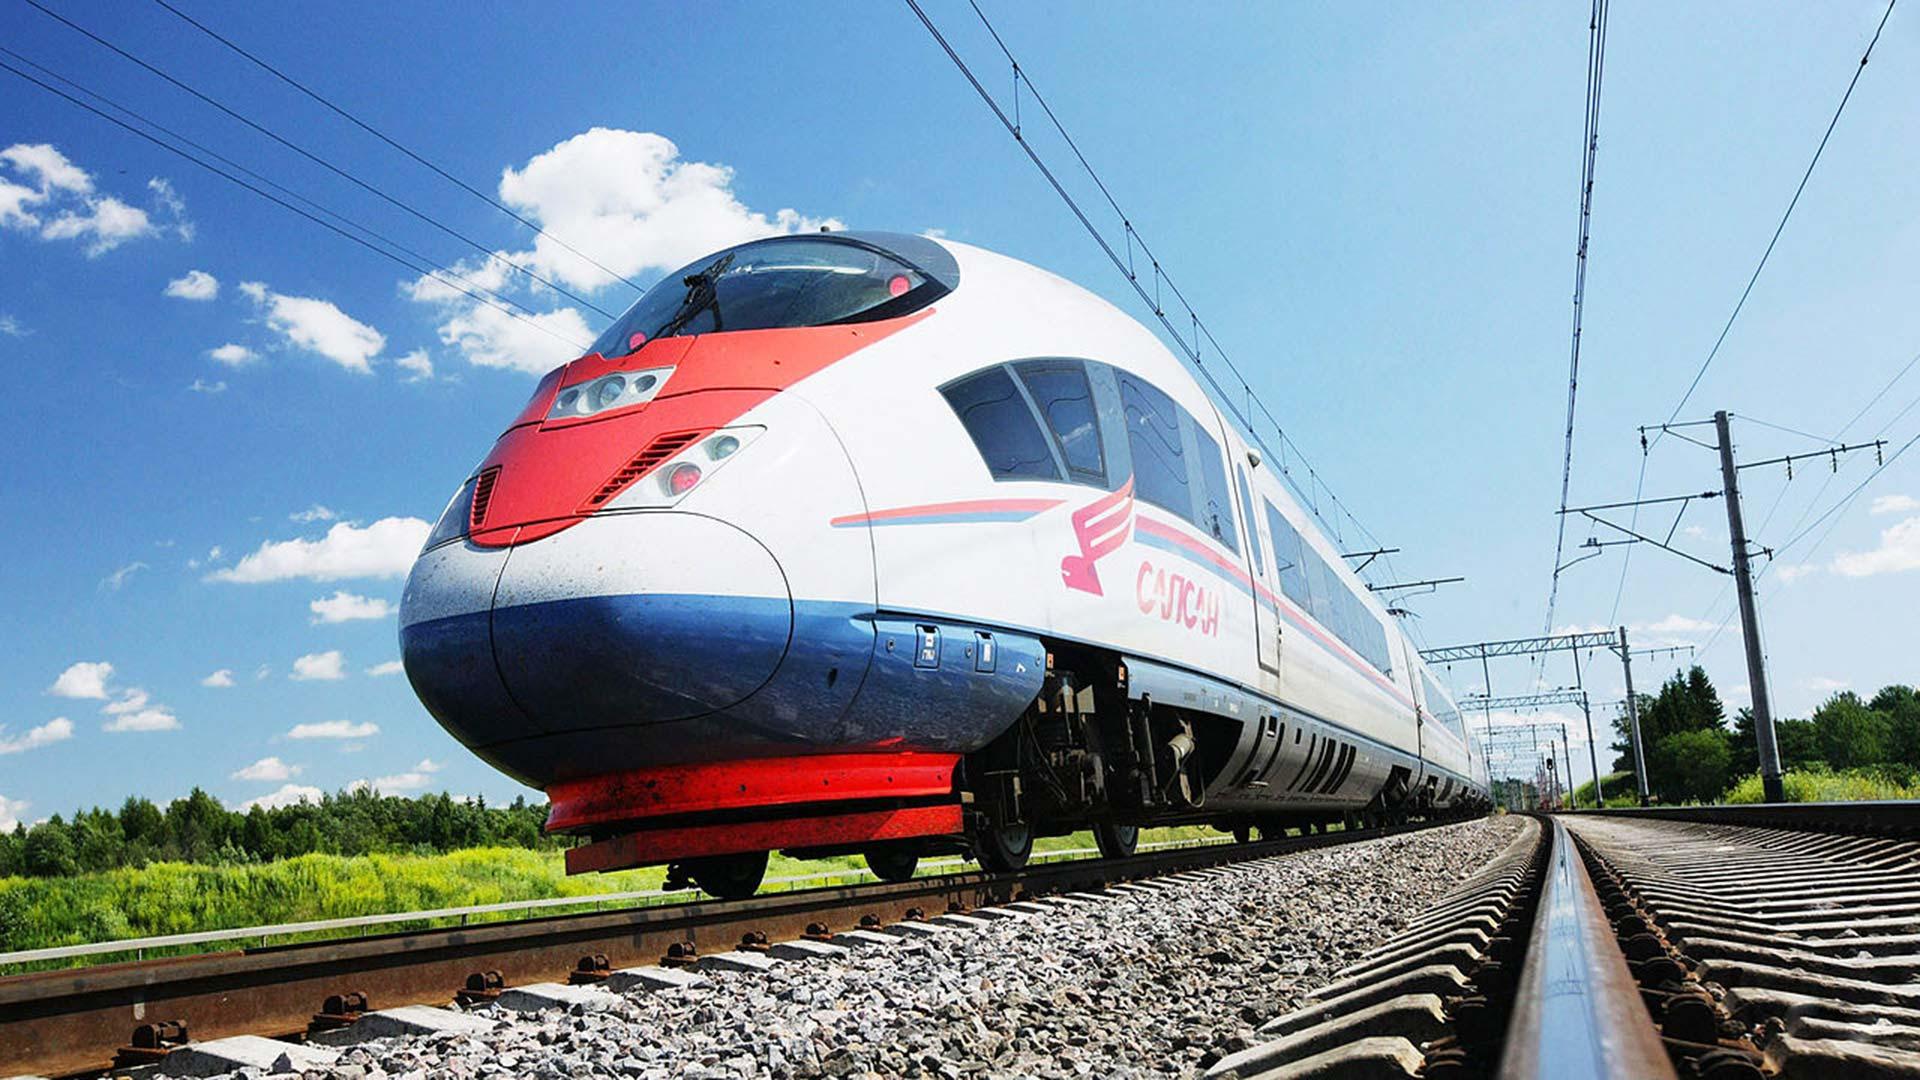 Фото поезд москва ницца билеты составляющую оформление